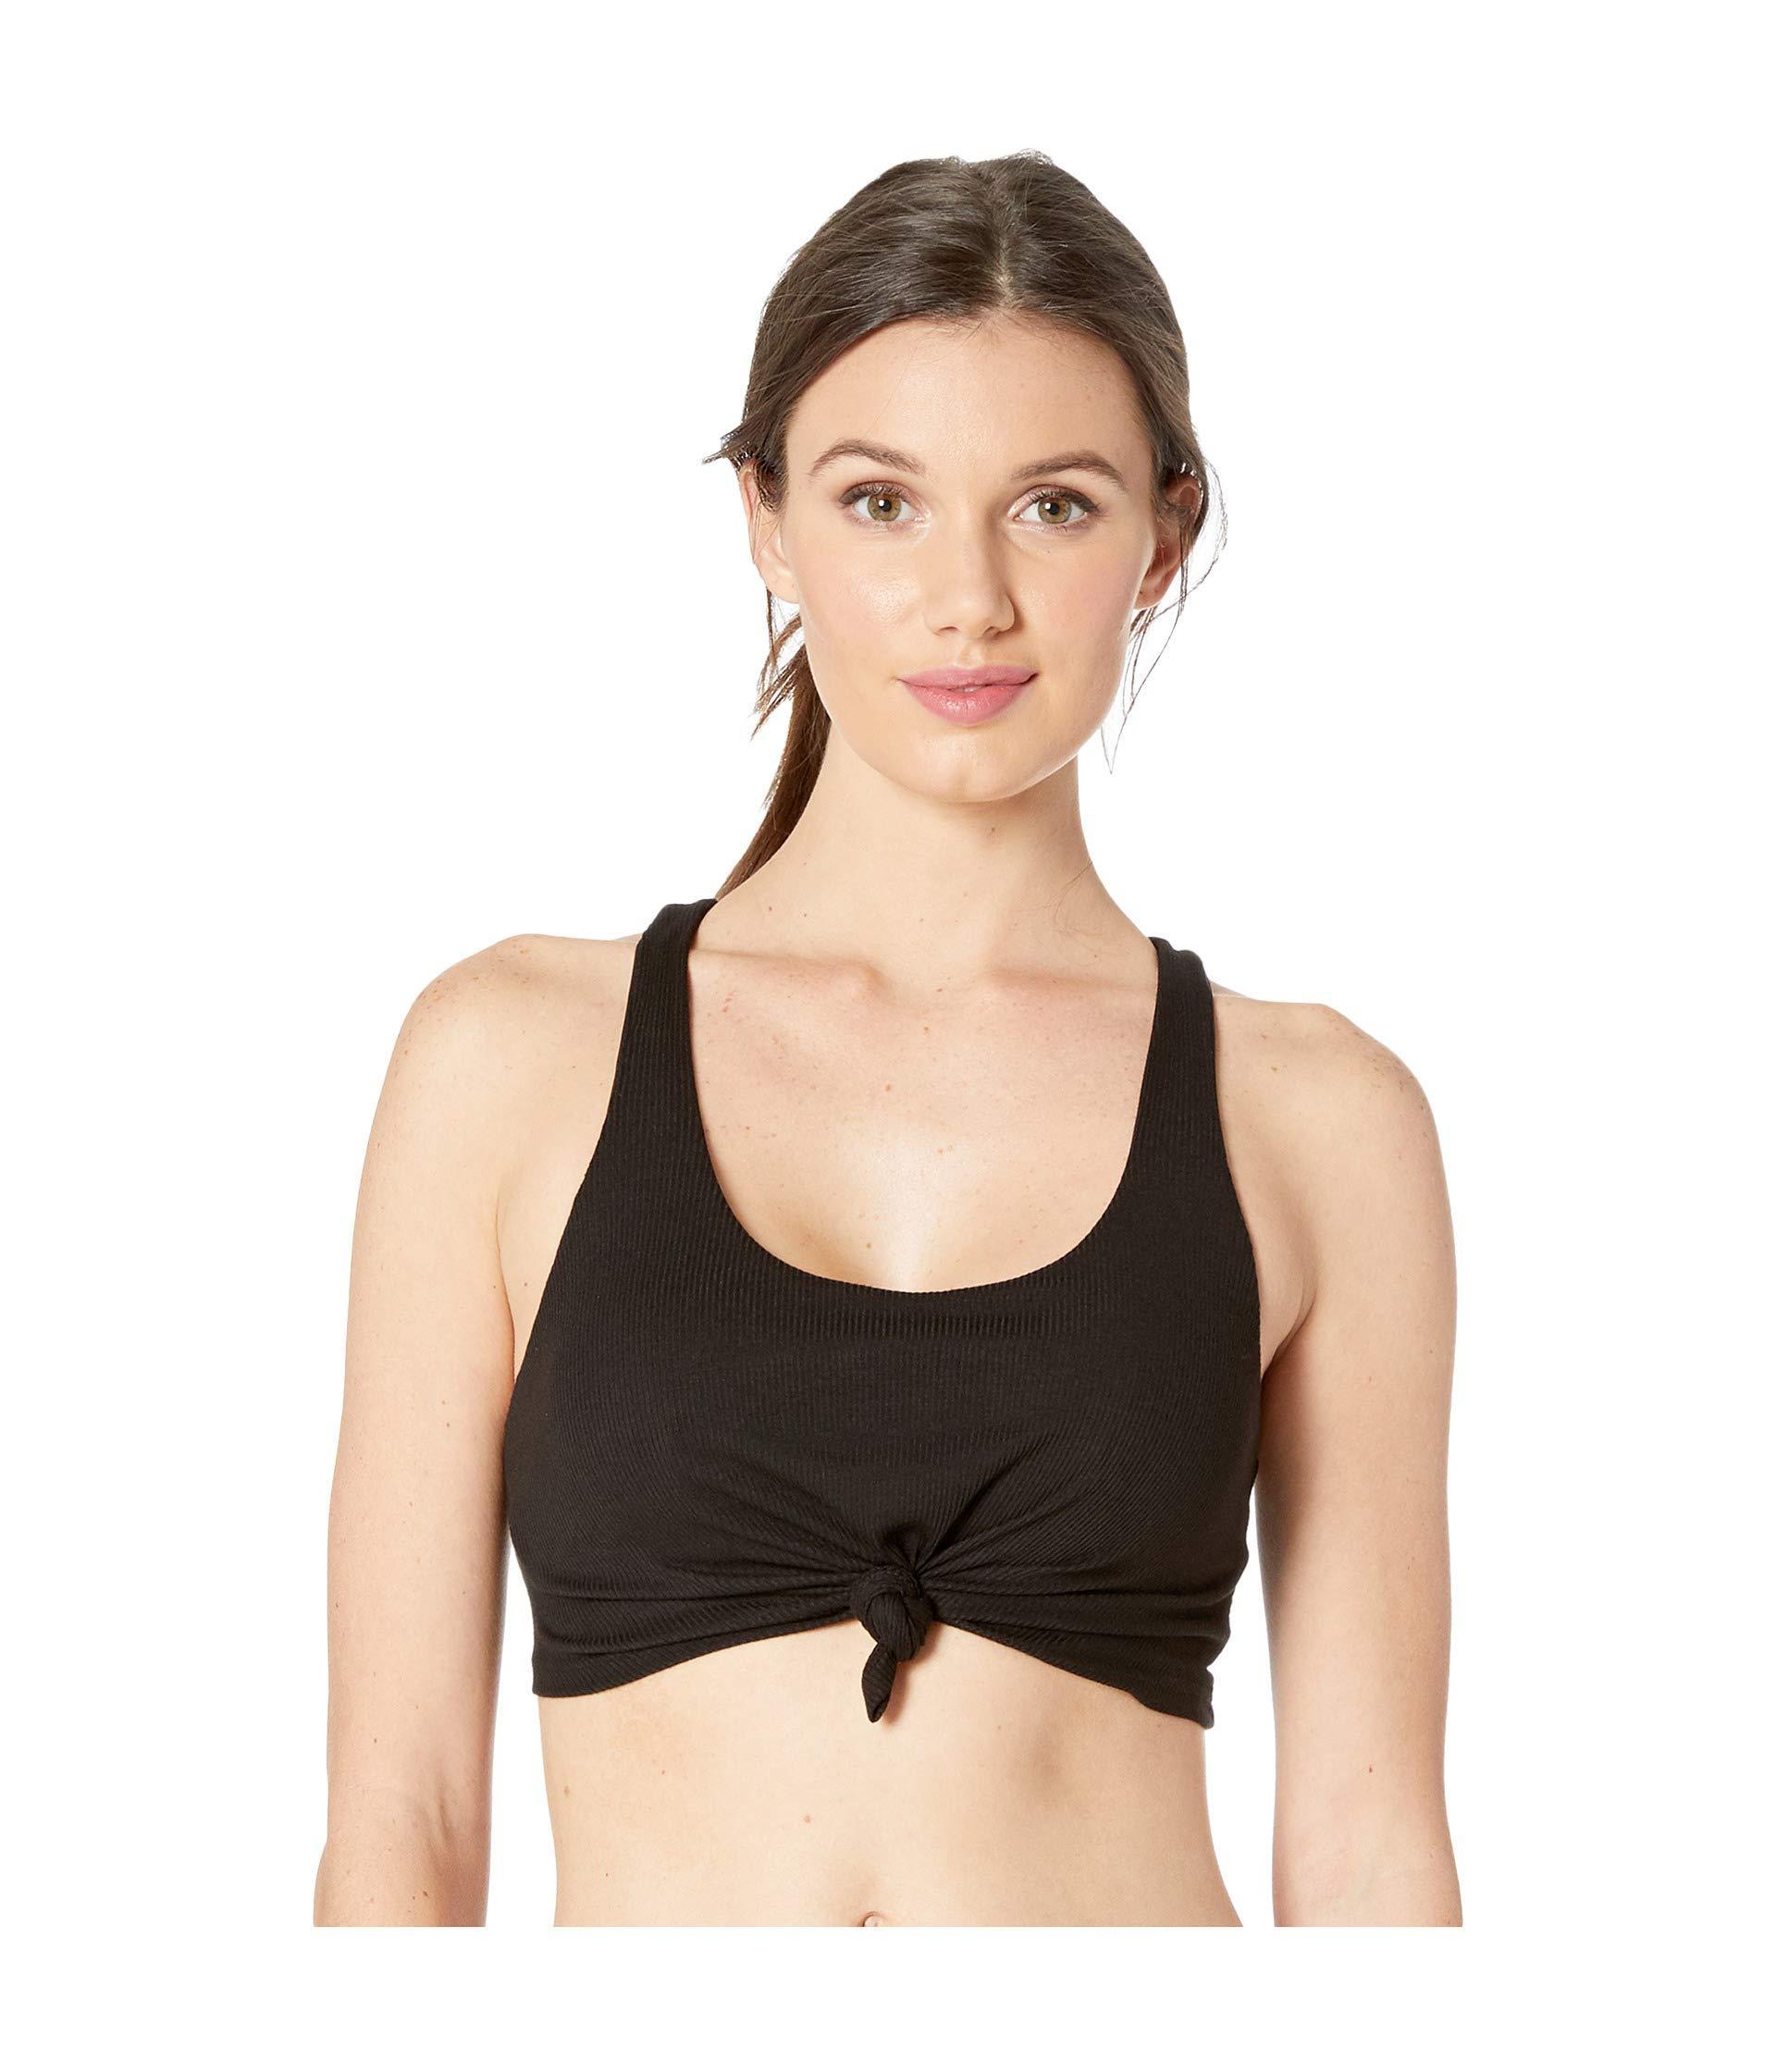 6176f507f0 Lyst - Alo Yoga Knot Tank Bra (white) Women s Bra in Black